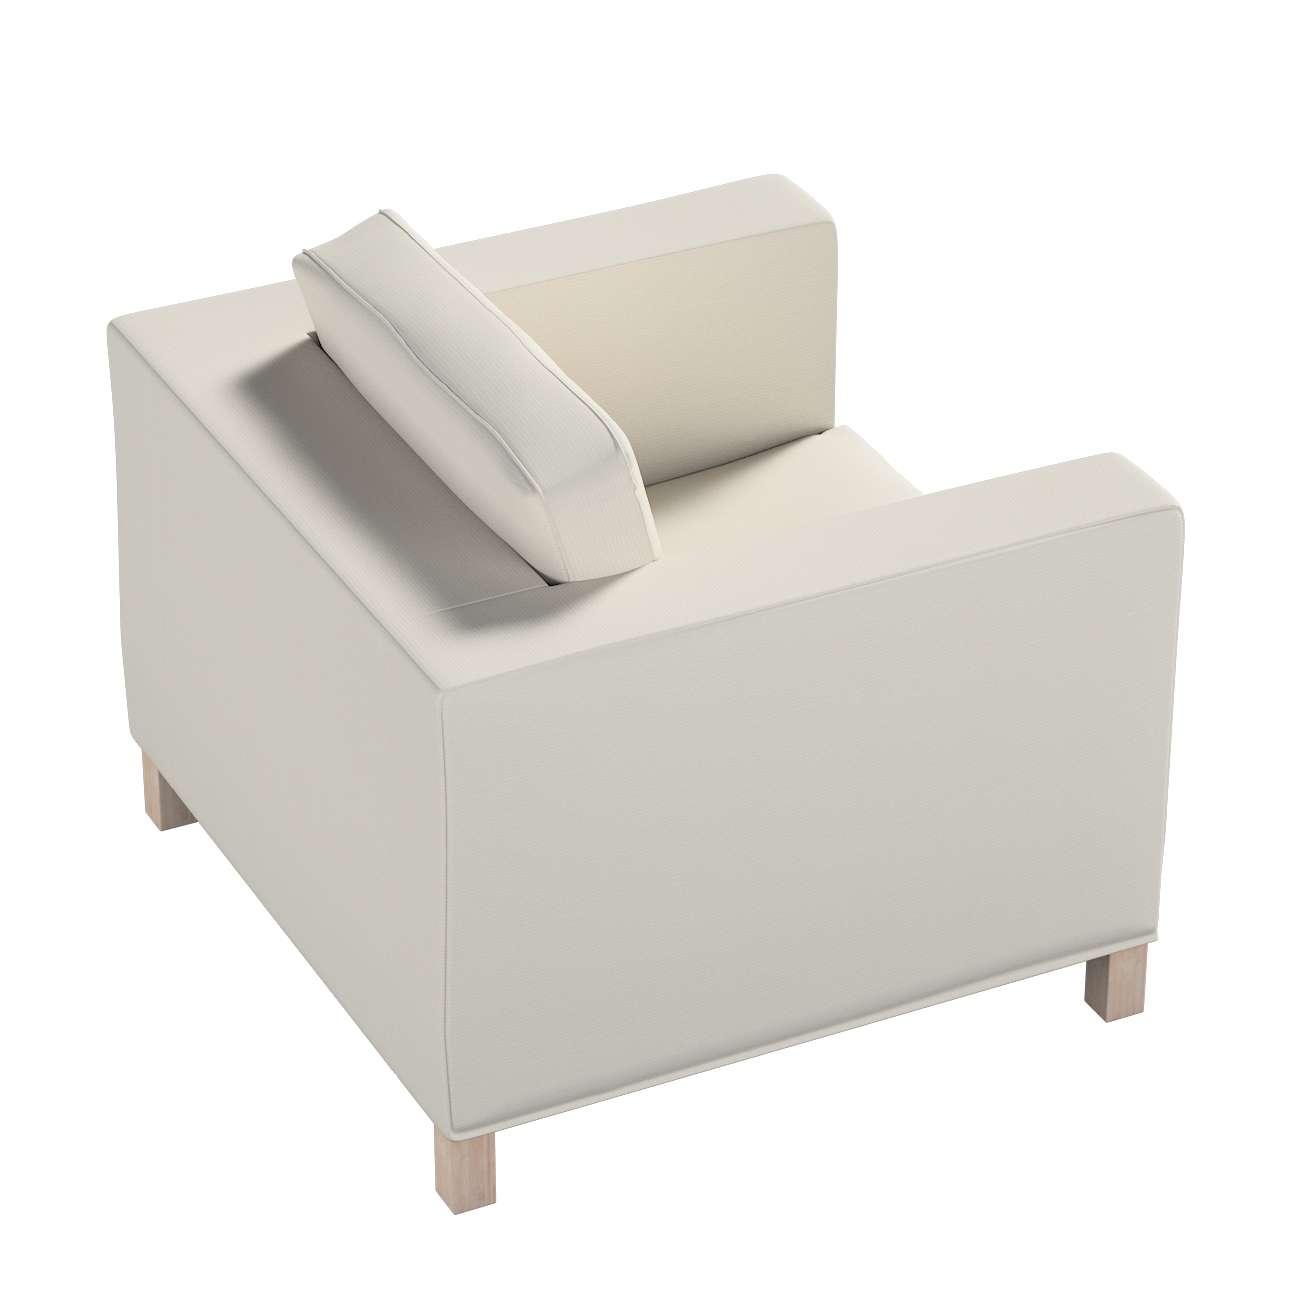 Pokrowiec na fotel Karlanda, krótki w kolekcji Cotton Panama, tkanina: 702-31